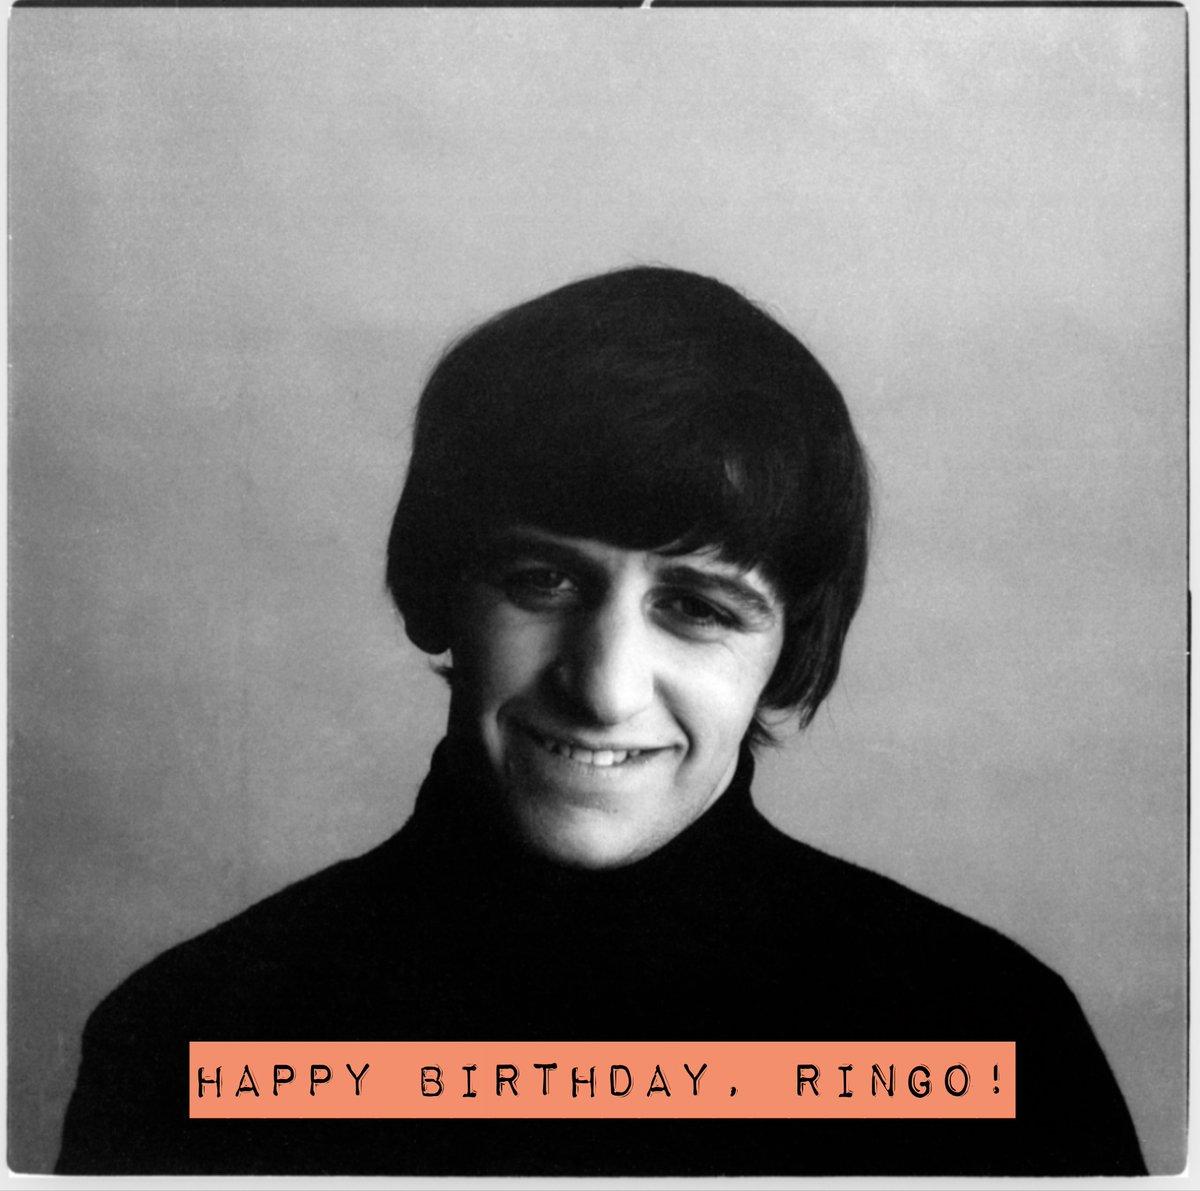 Happy Birthday, Ringo! https://t.co/ZtfmWIDrEM